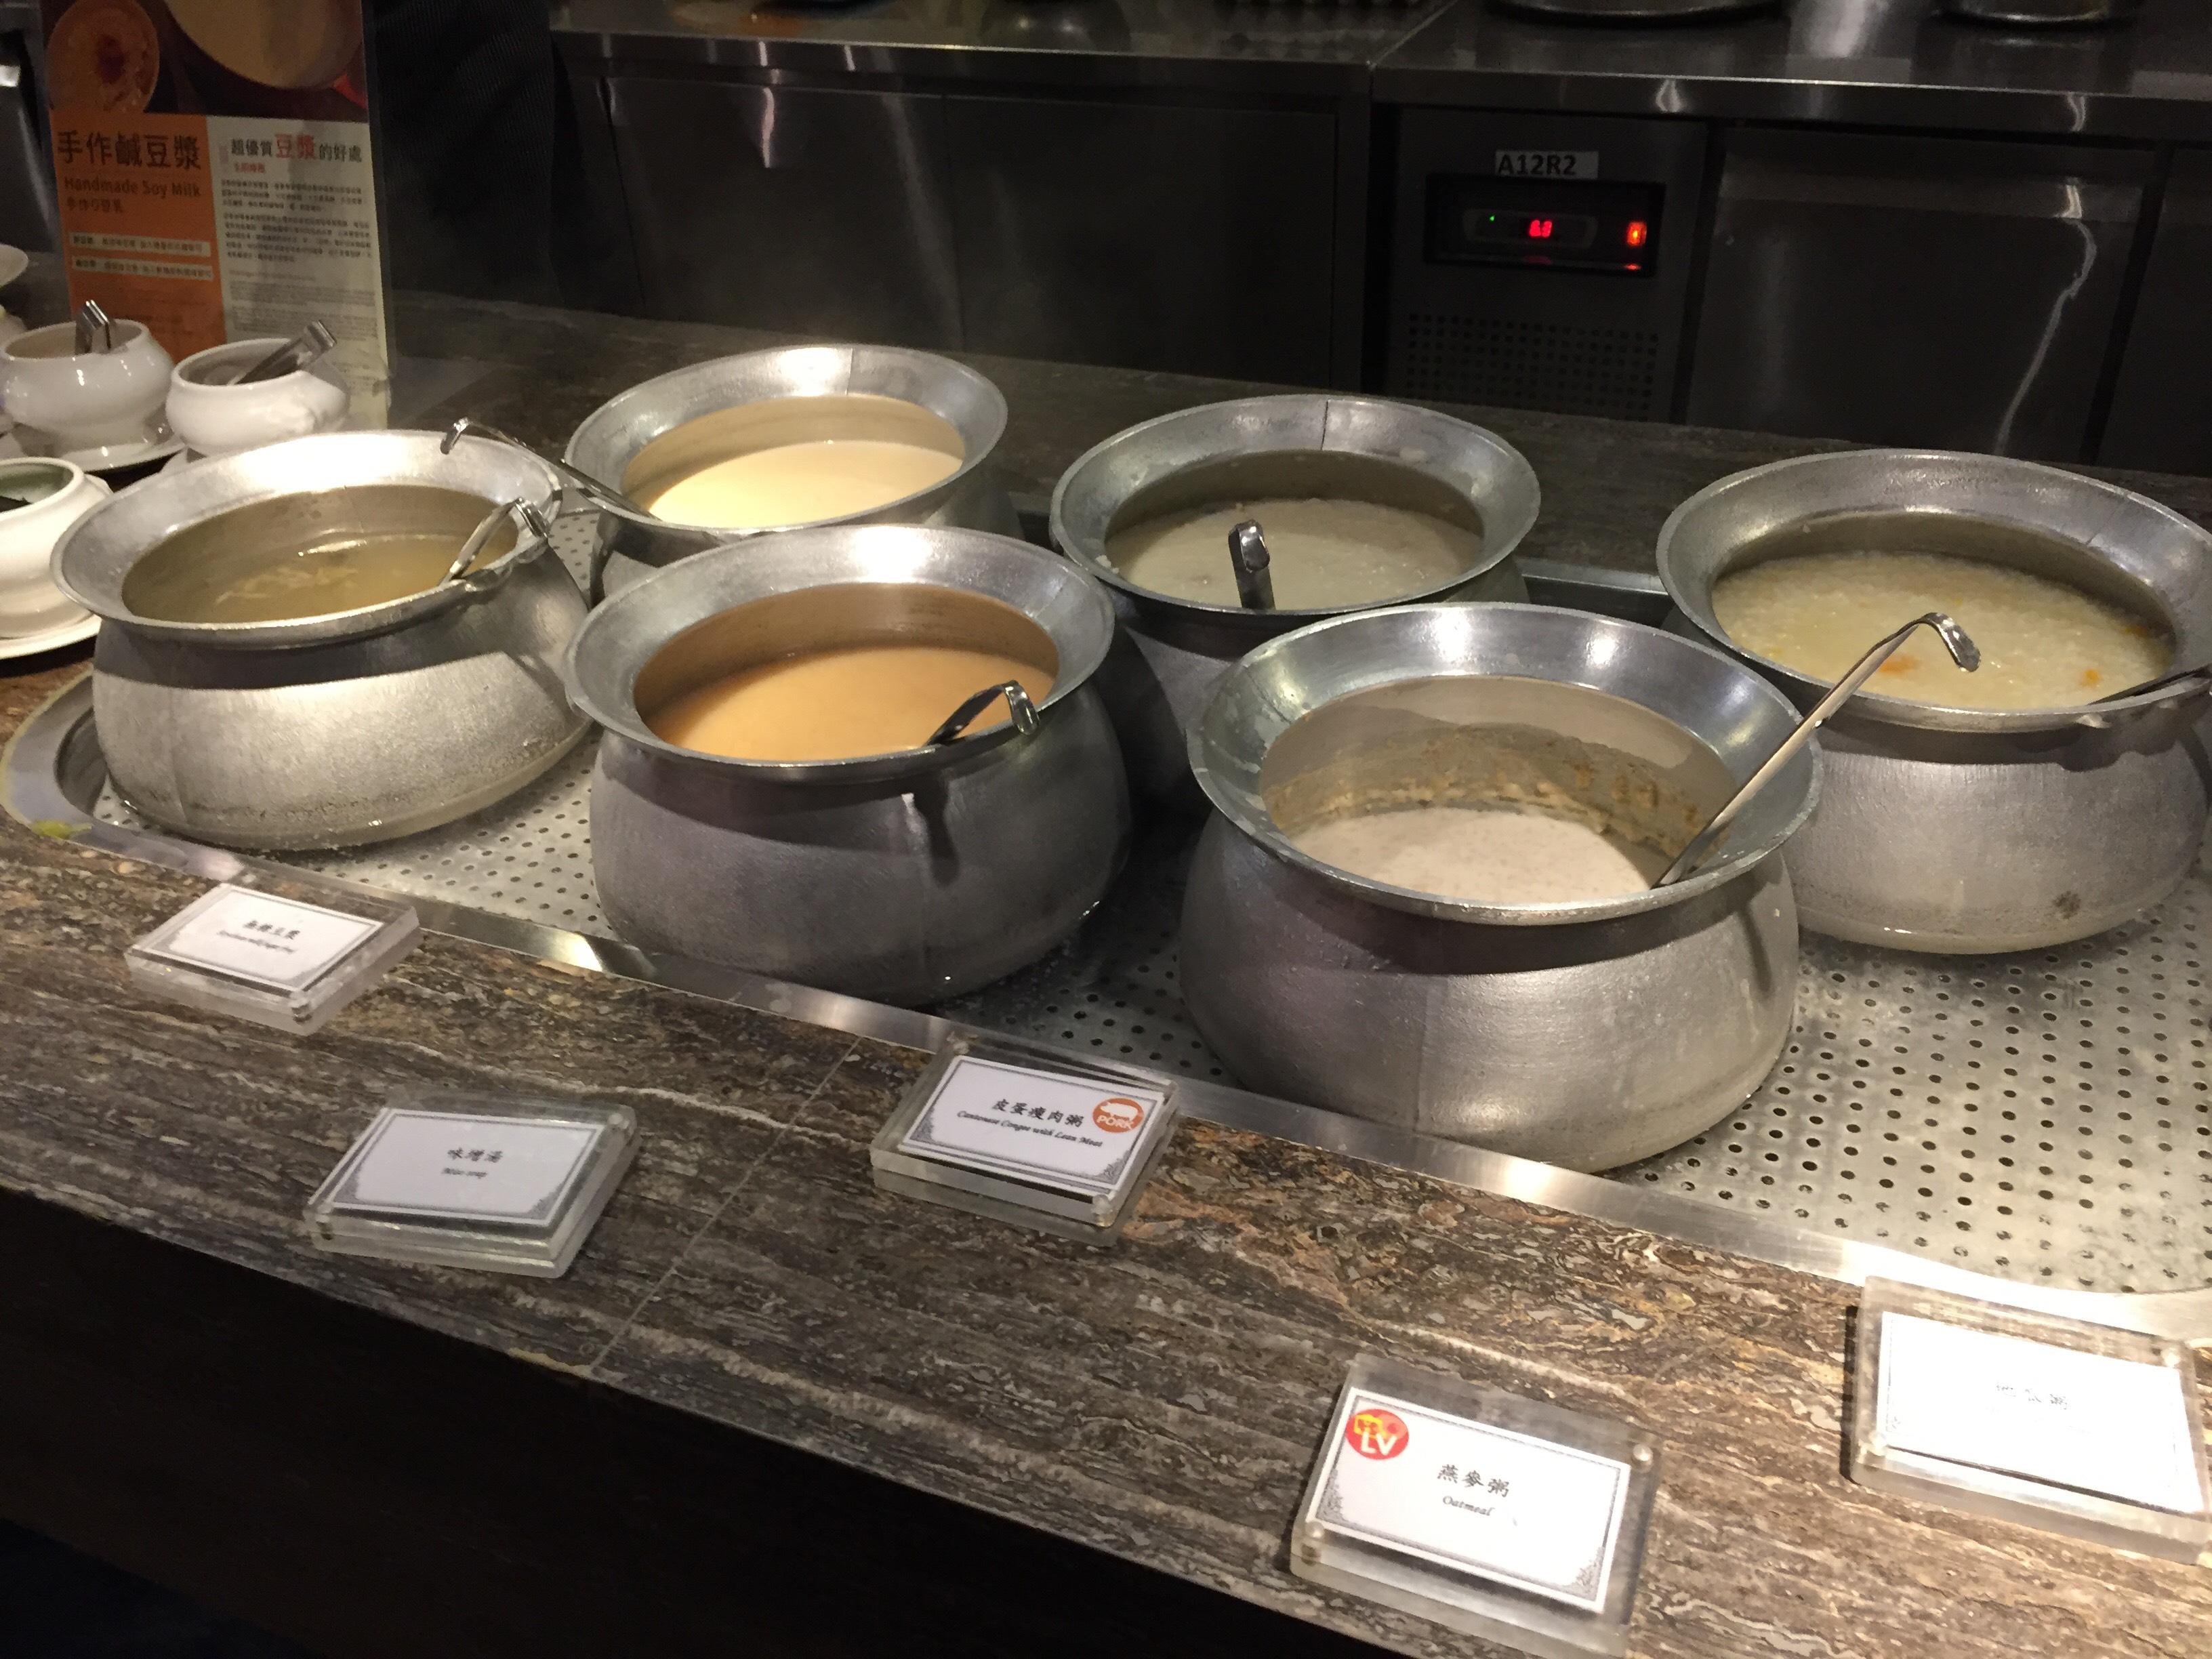 台中 スプレンダーホテル 朝食